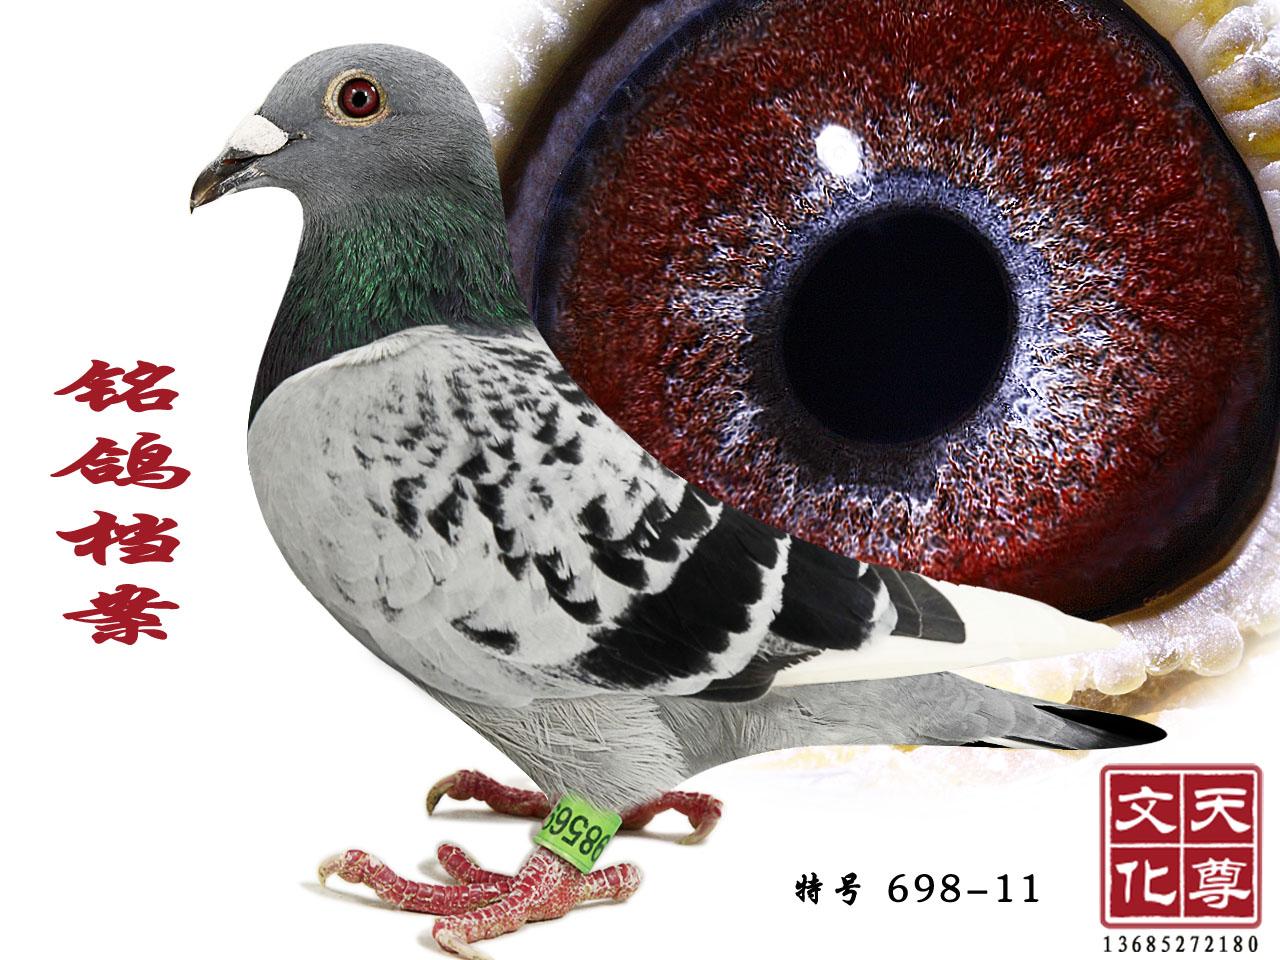 铭鸽档案 雄 特号 698-11